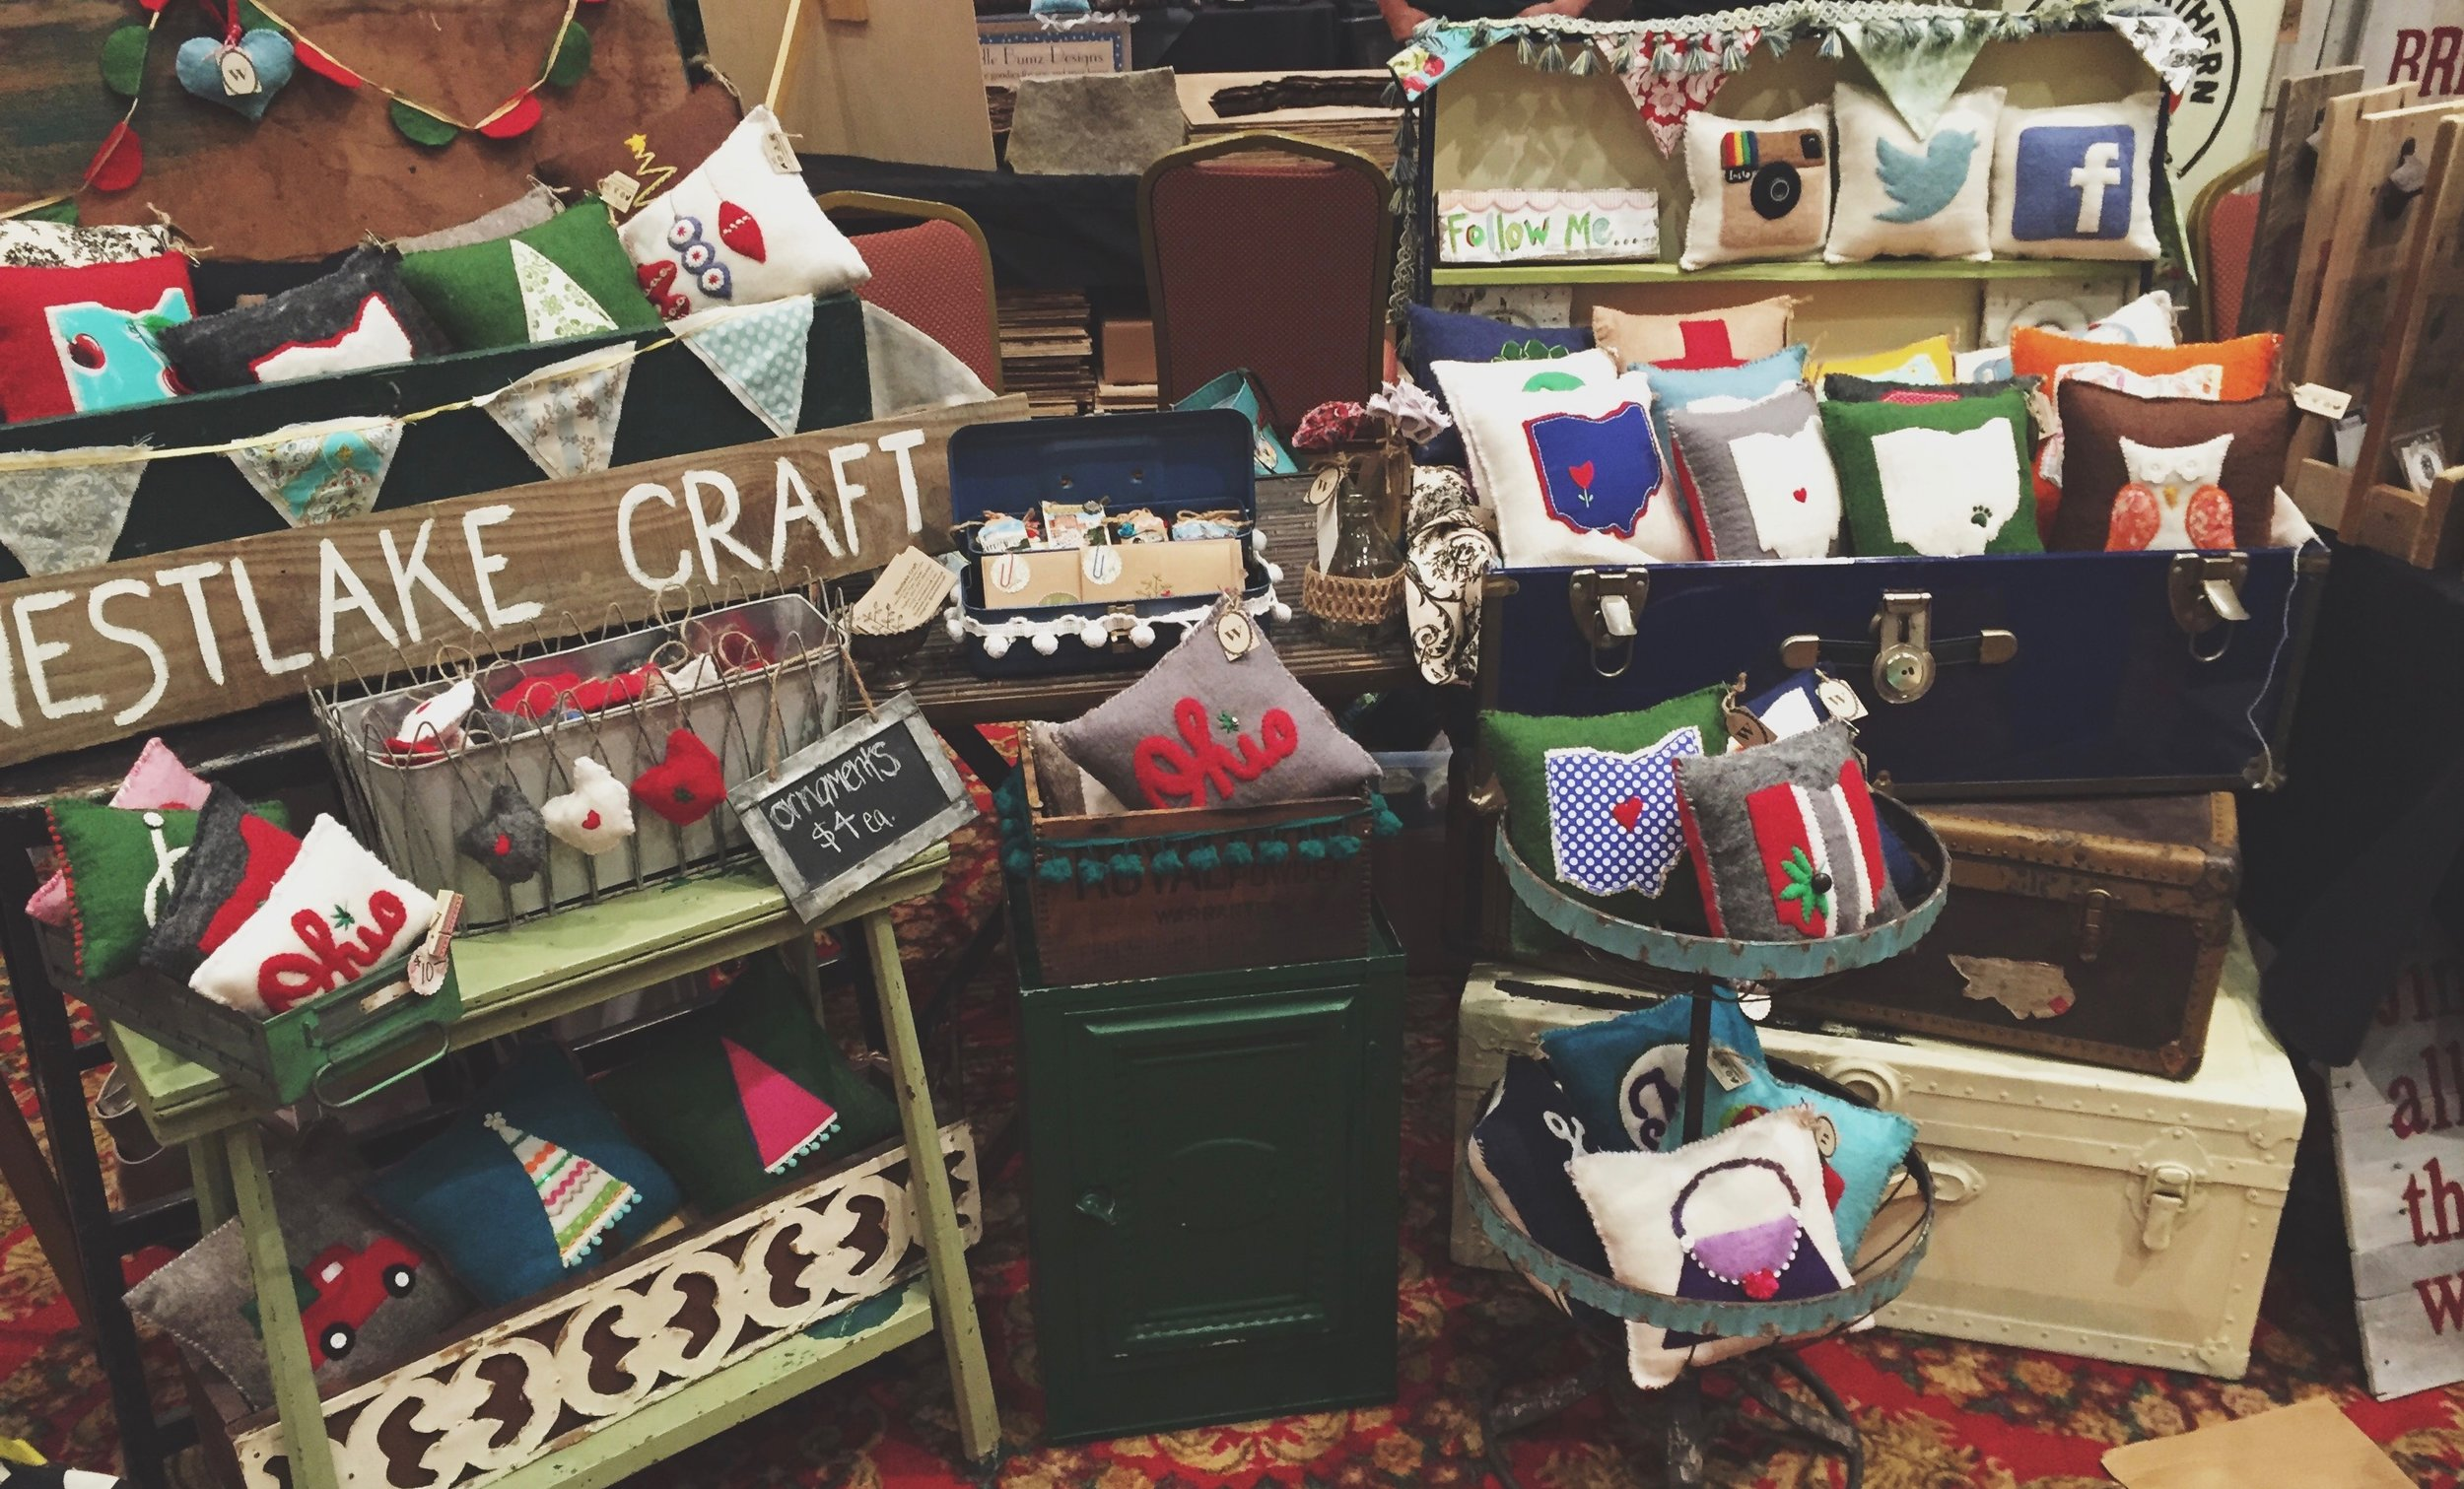 Westlake Craft Ohio